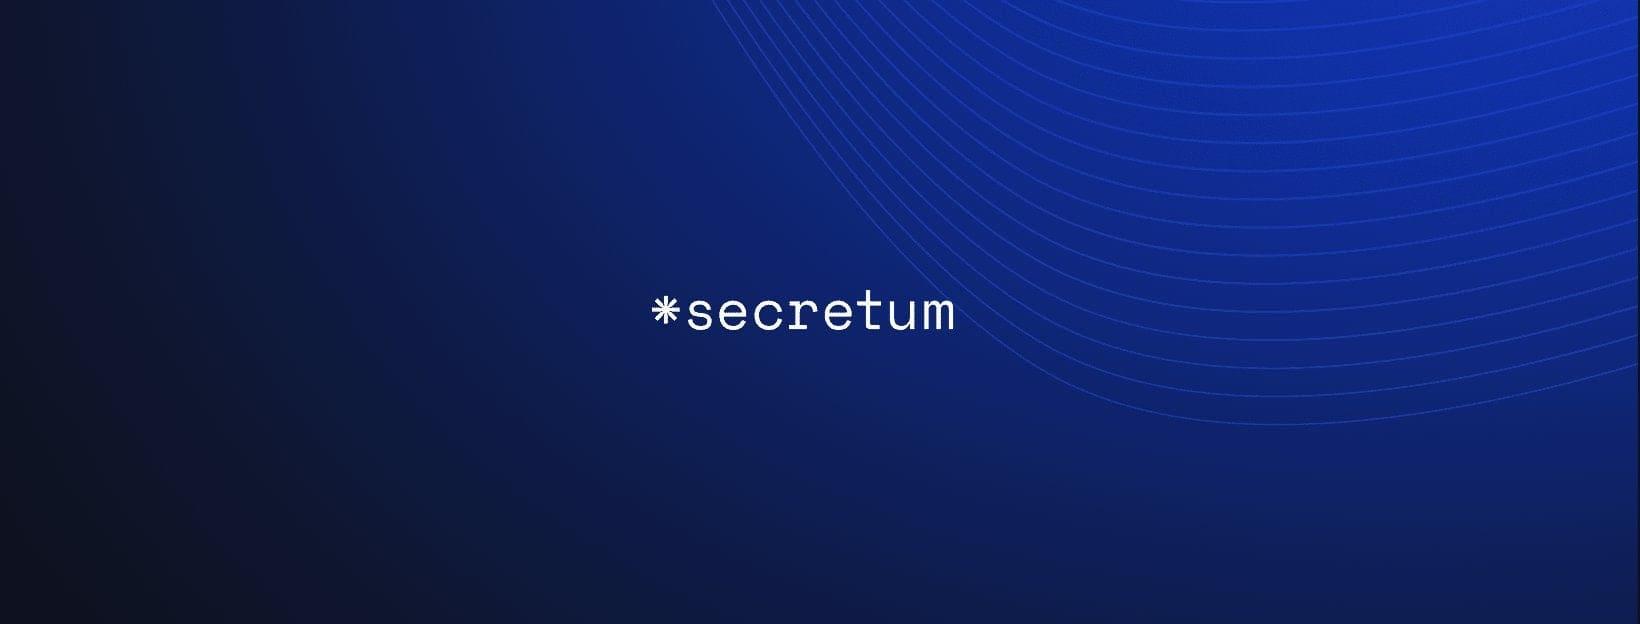 Secretum: Merkezi Olmayan Şifreli Bir Mesajlaşma Uygulaması